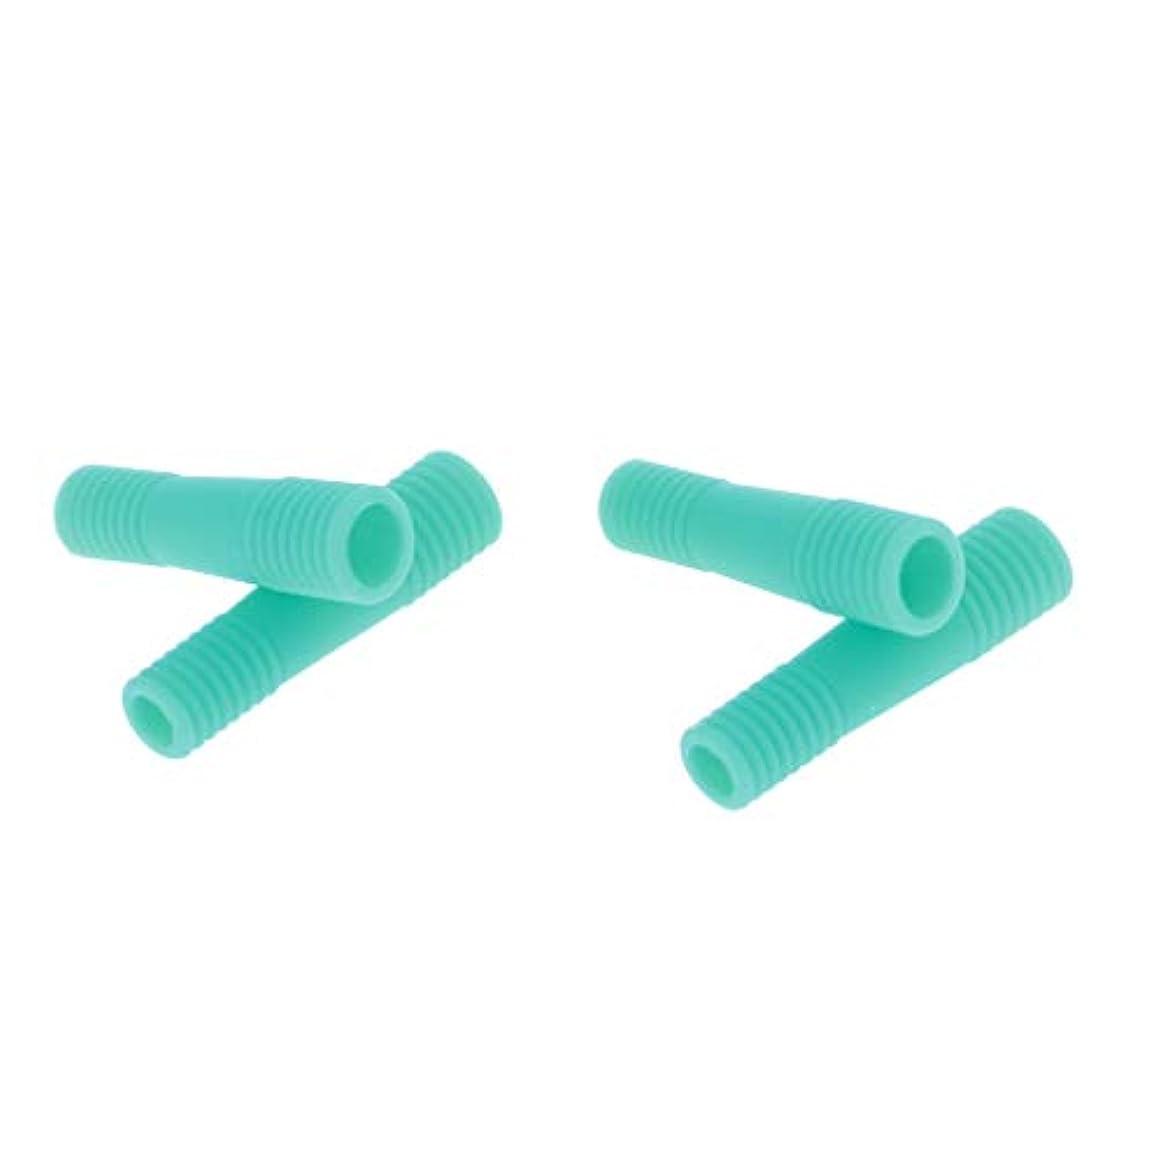 不規則性テープ実質的T TOOYFUL ネイルキューティクルハサミケース マニキュアペディキュアツール保護 全5色 - 緑